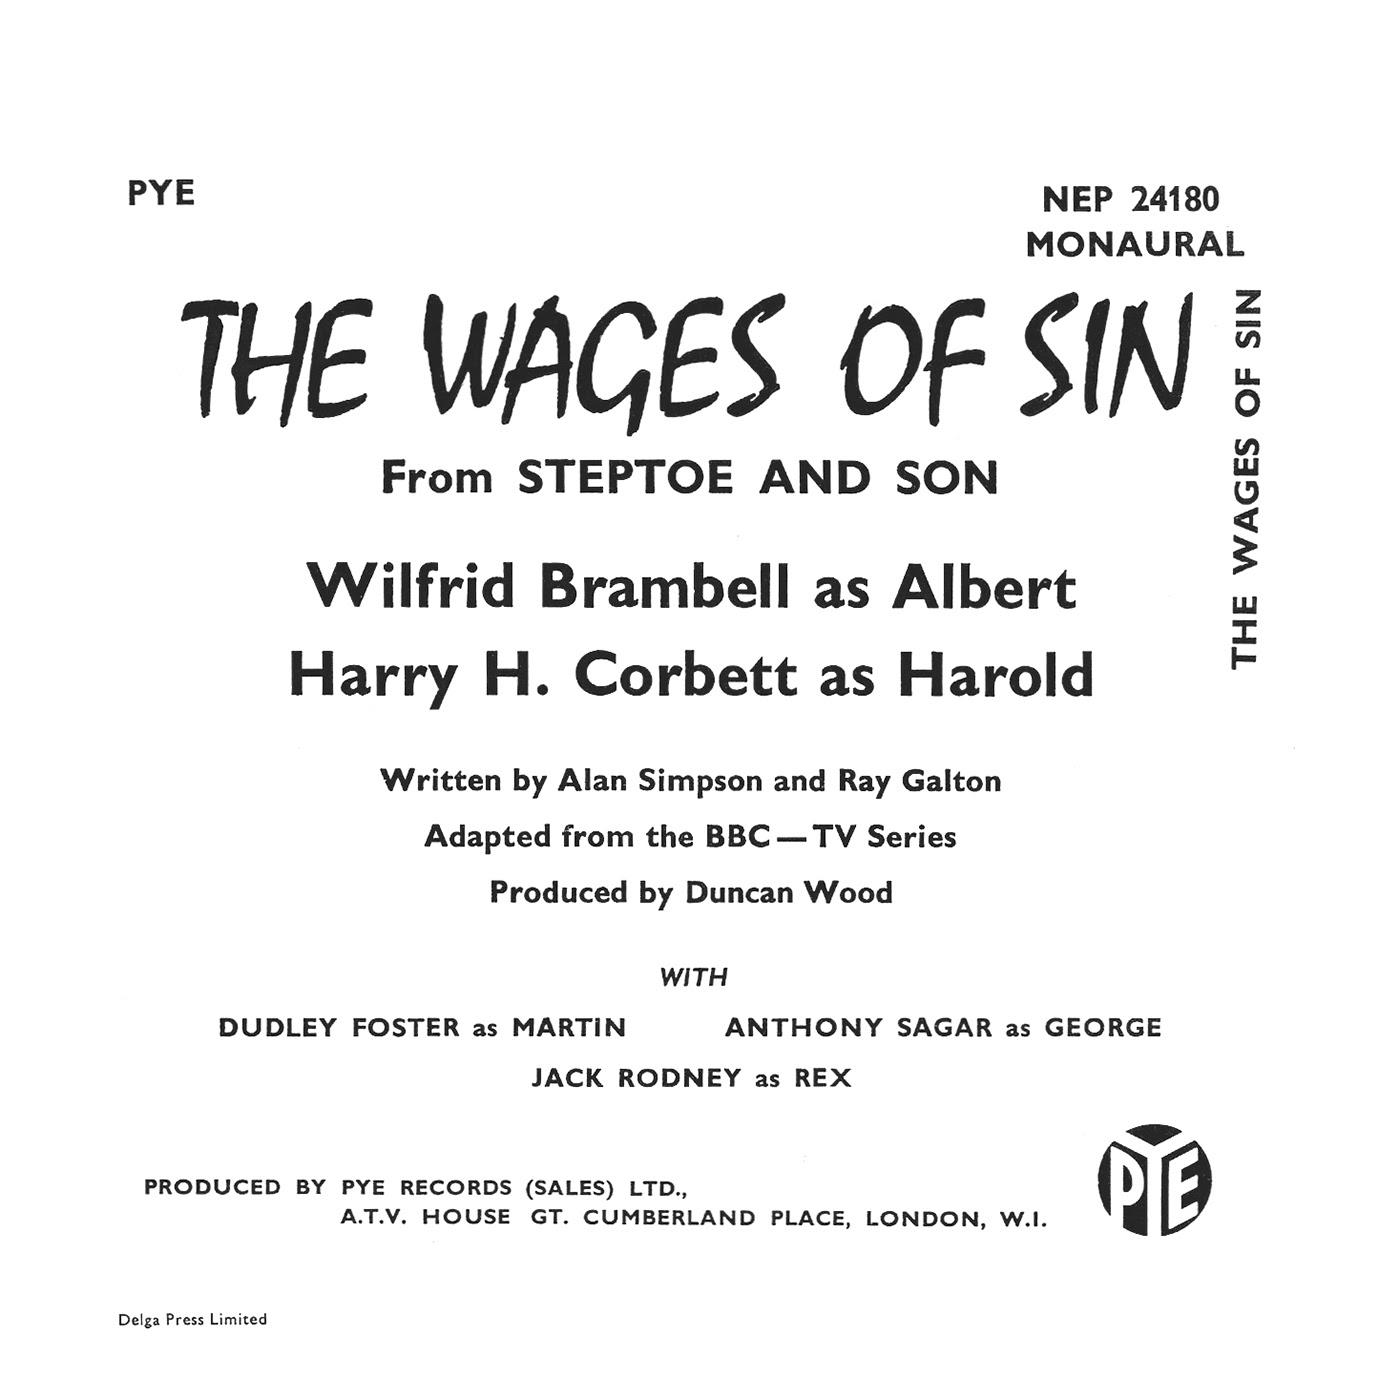 Wilfrid Brambell, Harry H. Corbett